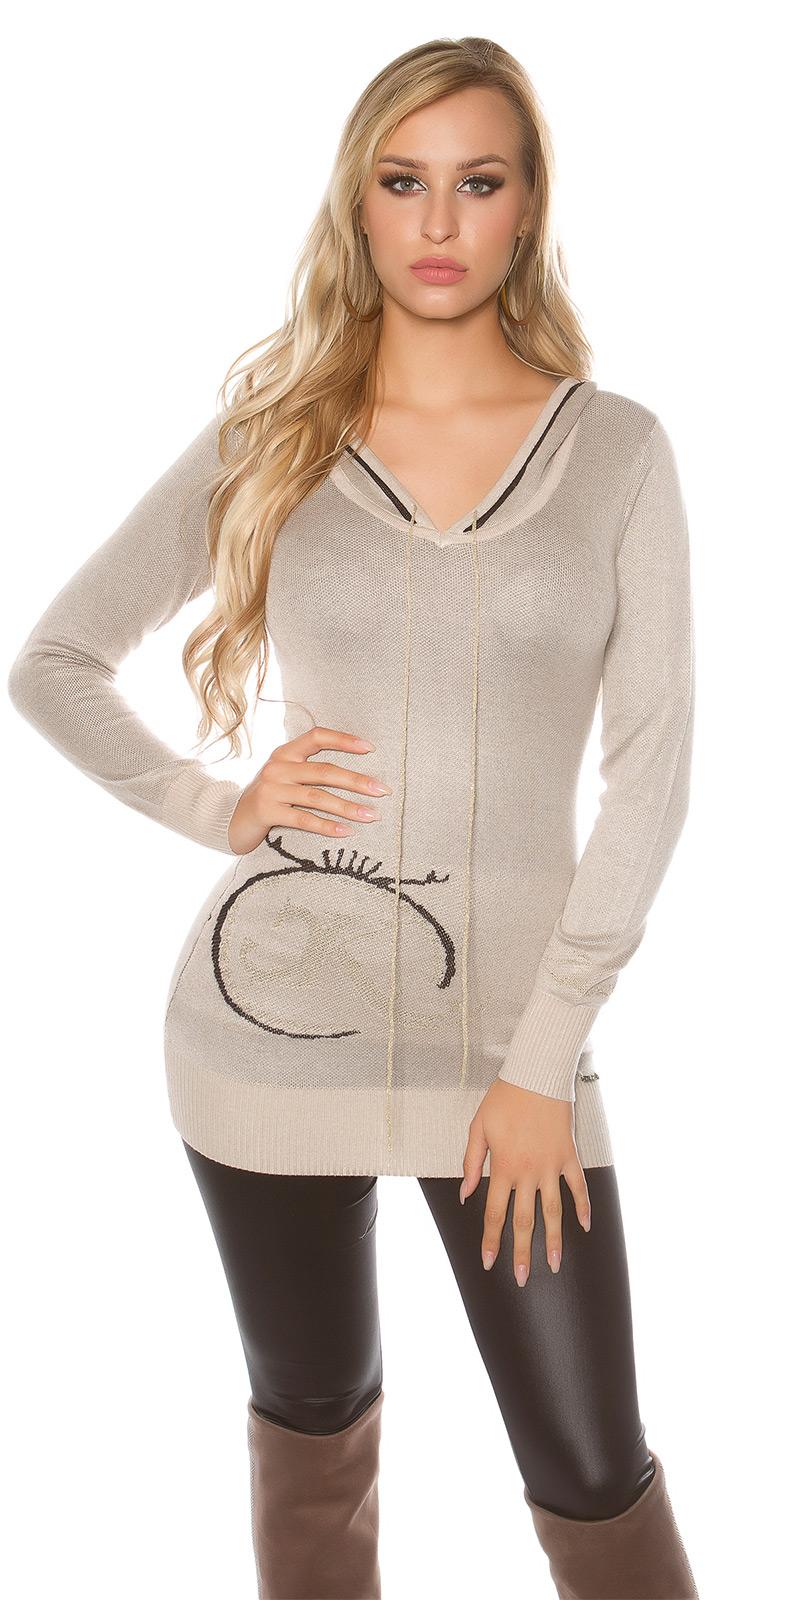 Pulover sexy tricot- cu glitterprint